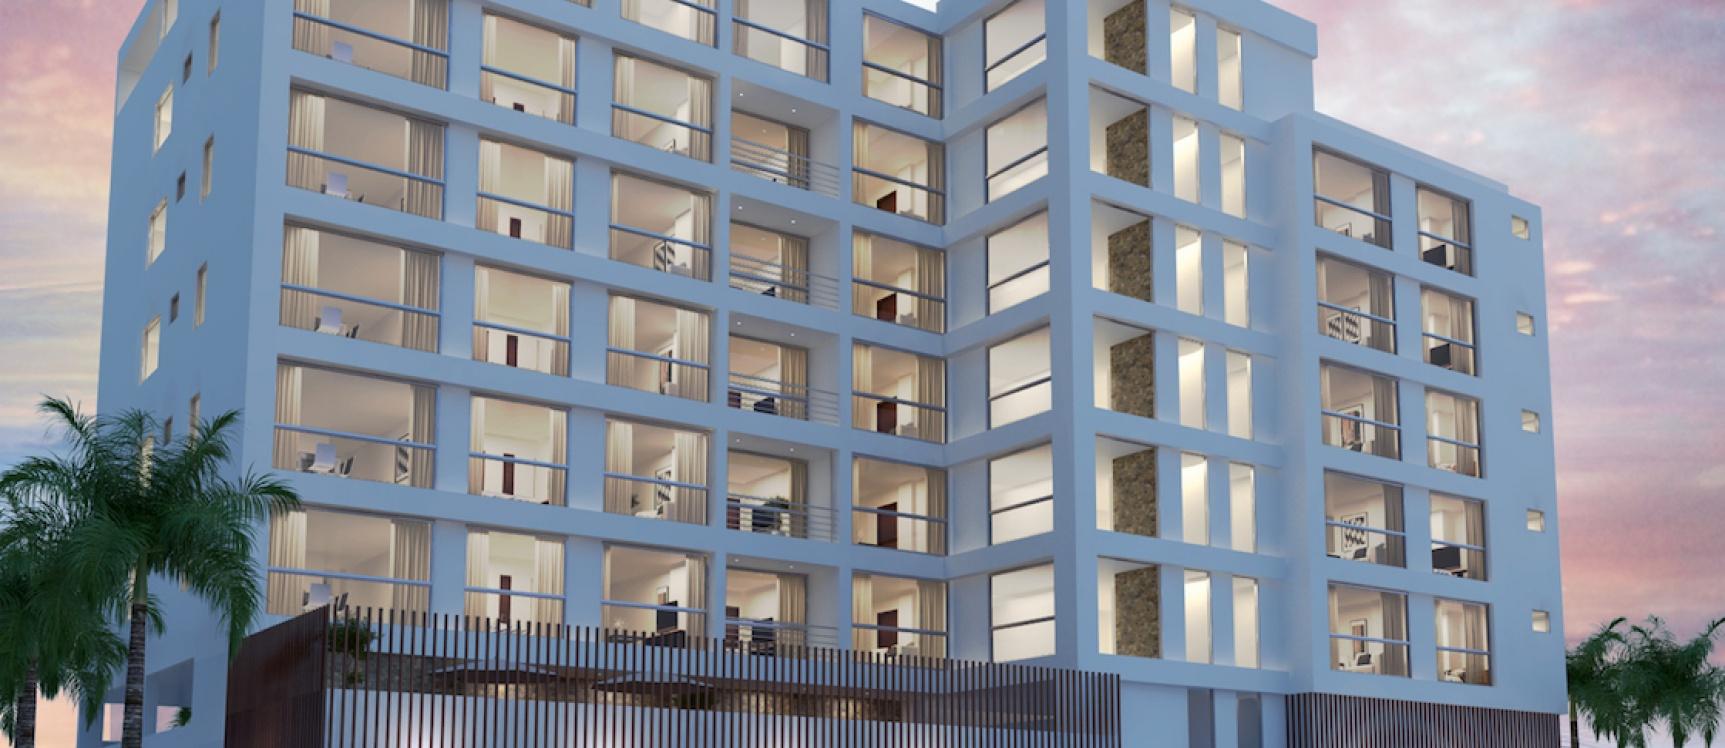 GeoBienes - Departamento tipo suite en venta en Salinas: Camboriú Suites - Plusvalia Guayaquil Casas de venta y alquiler Inmobiliaria Ecuador